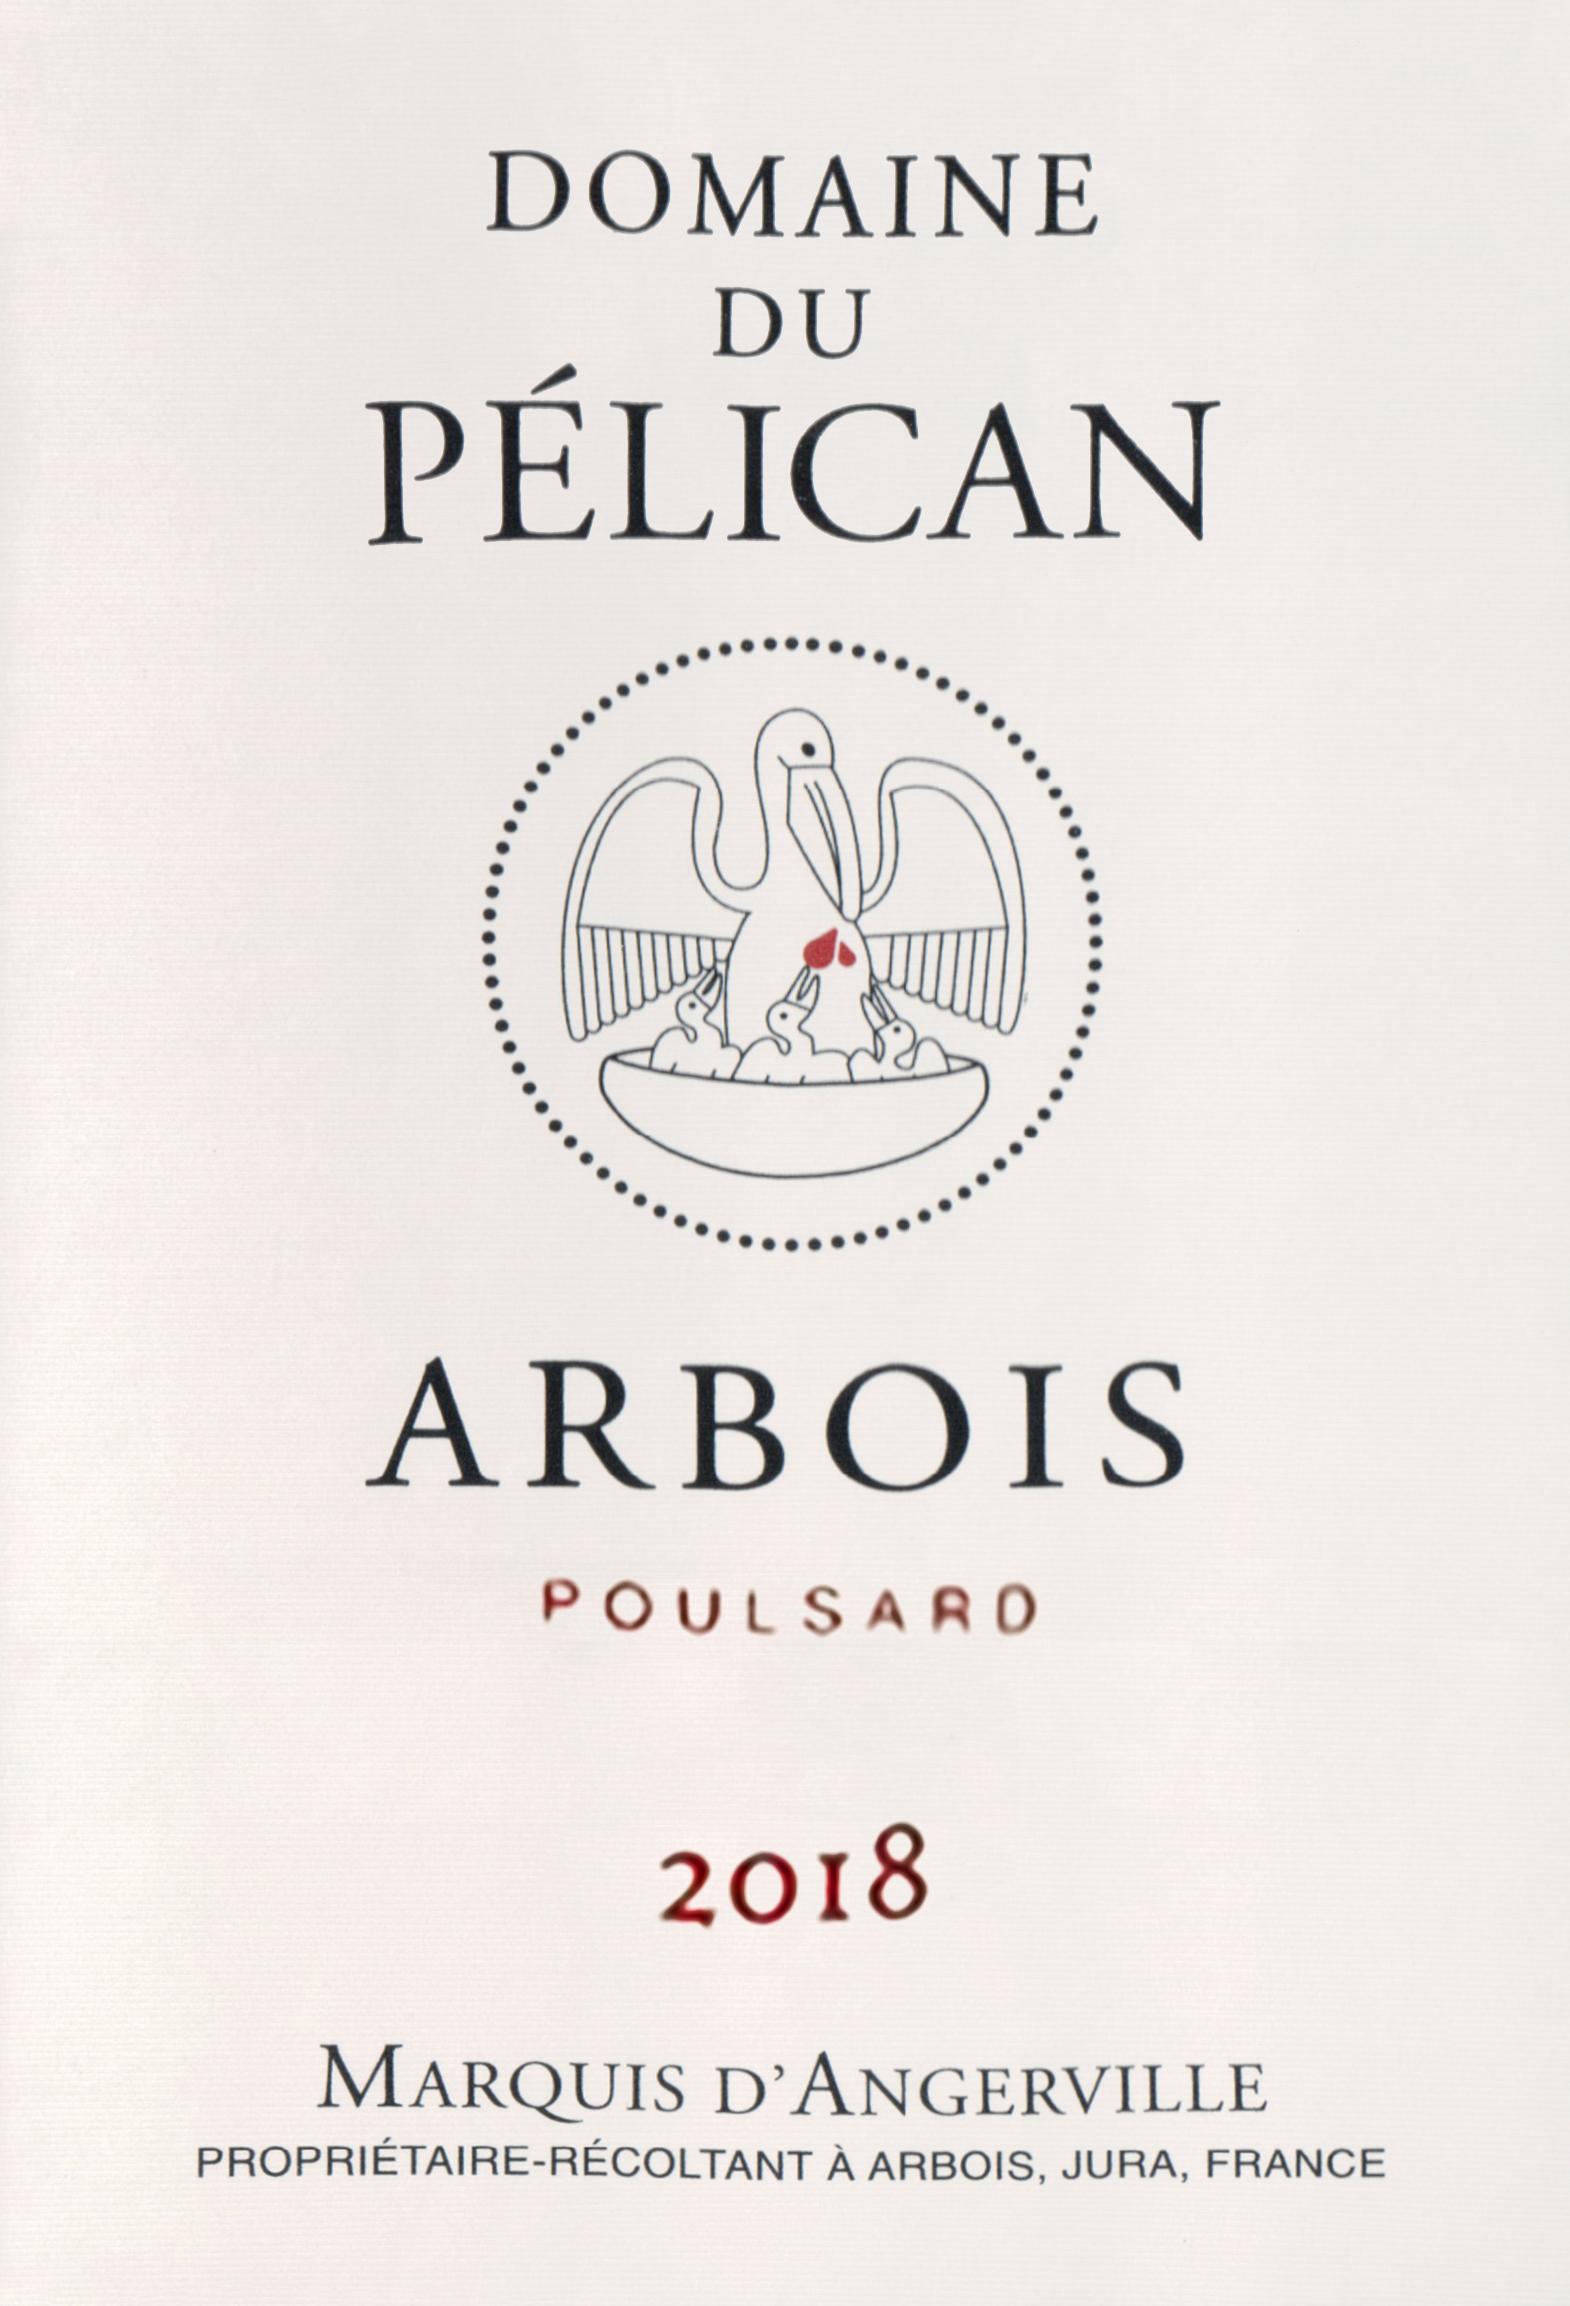 Domaine Du Pelican Arbois Poulsard 2018